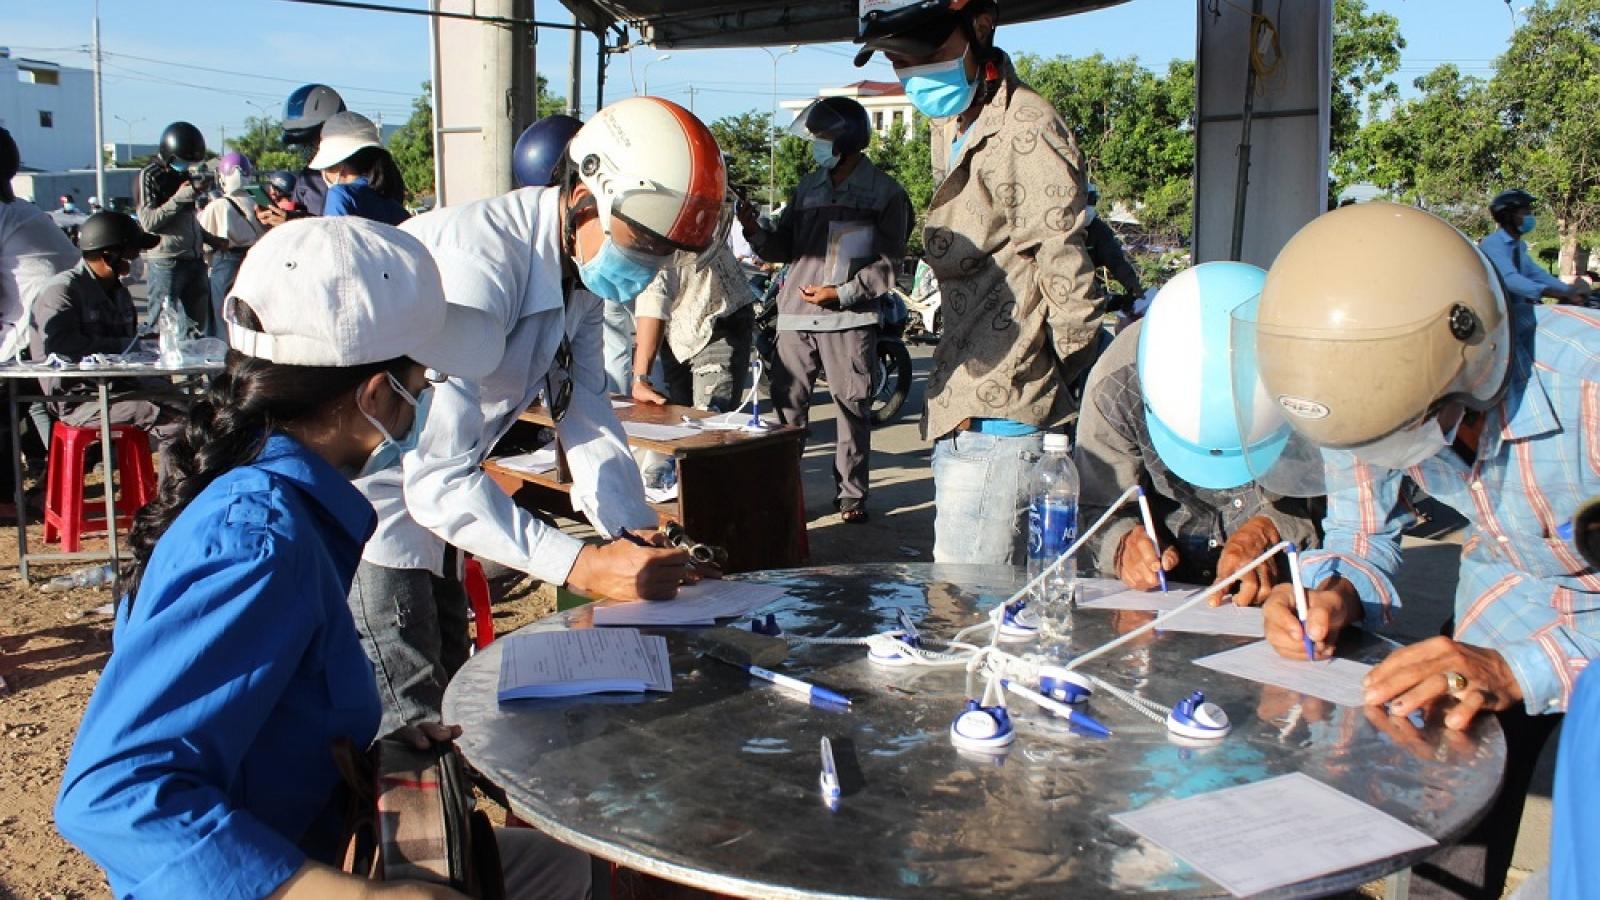 Khách sạn giảm giá hỗ trợ chuyên gia, người lao động đến Quảng Nam làm việc